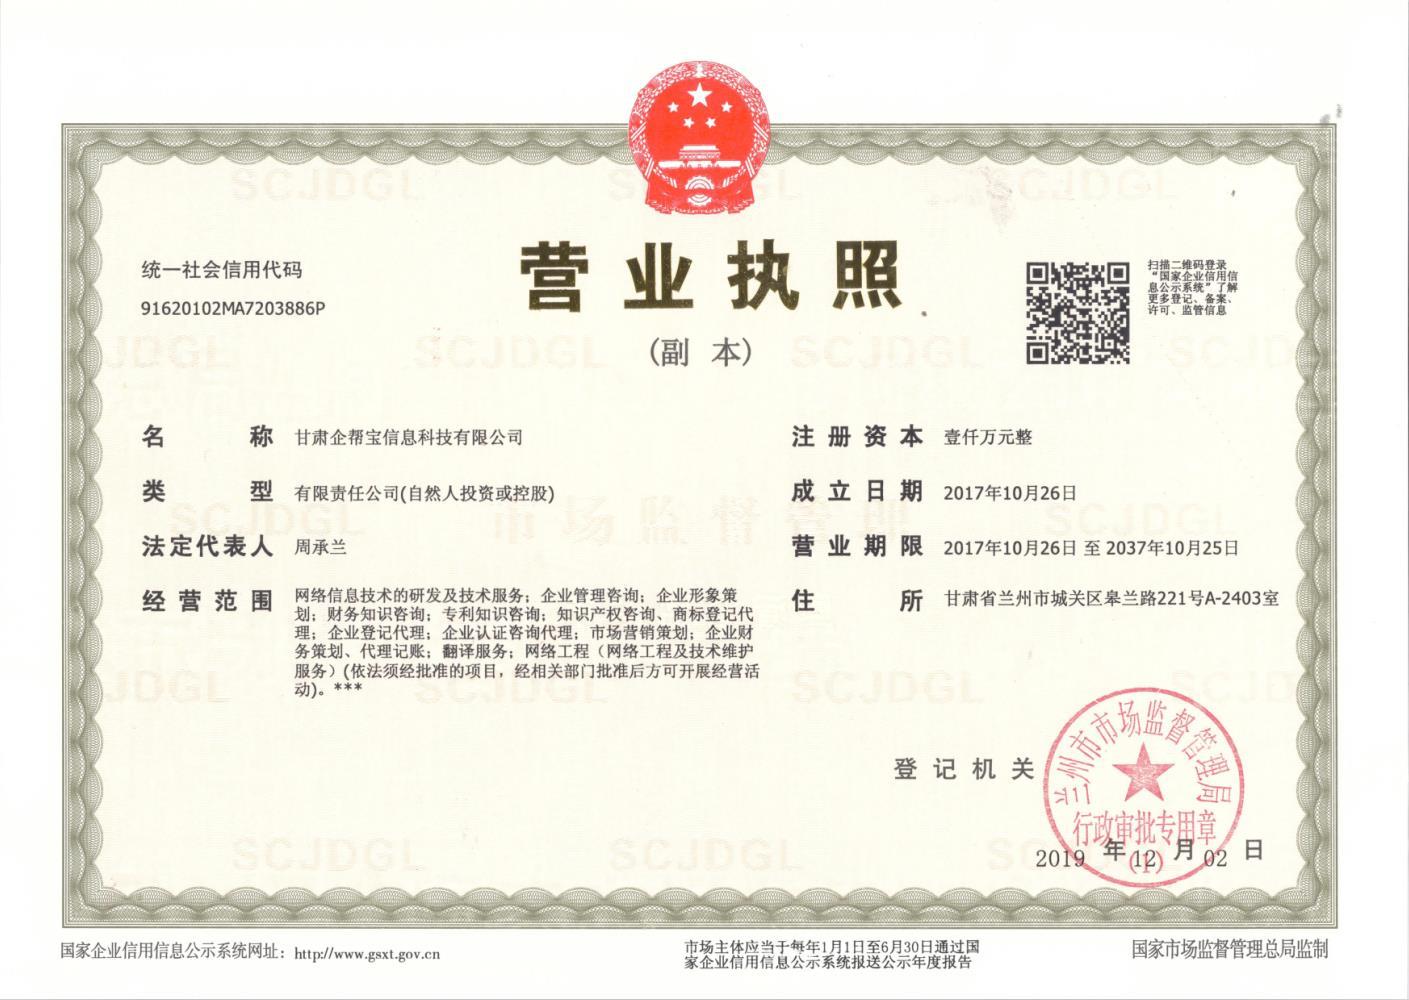 甘肃企帮宝信息科技有限公司荣誉资质